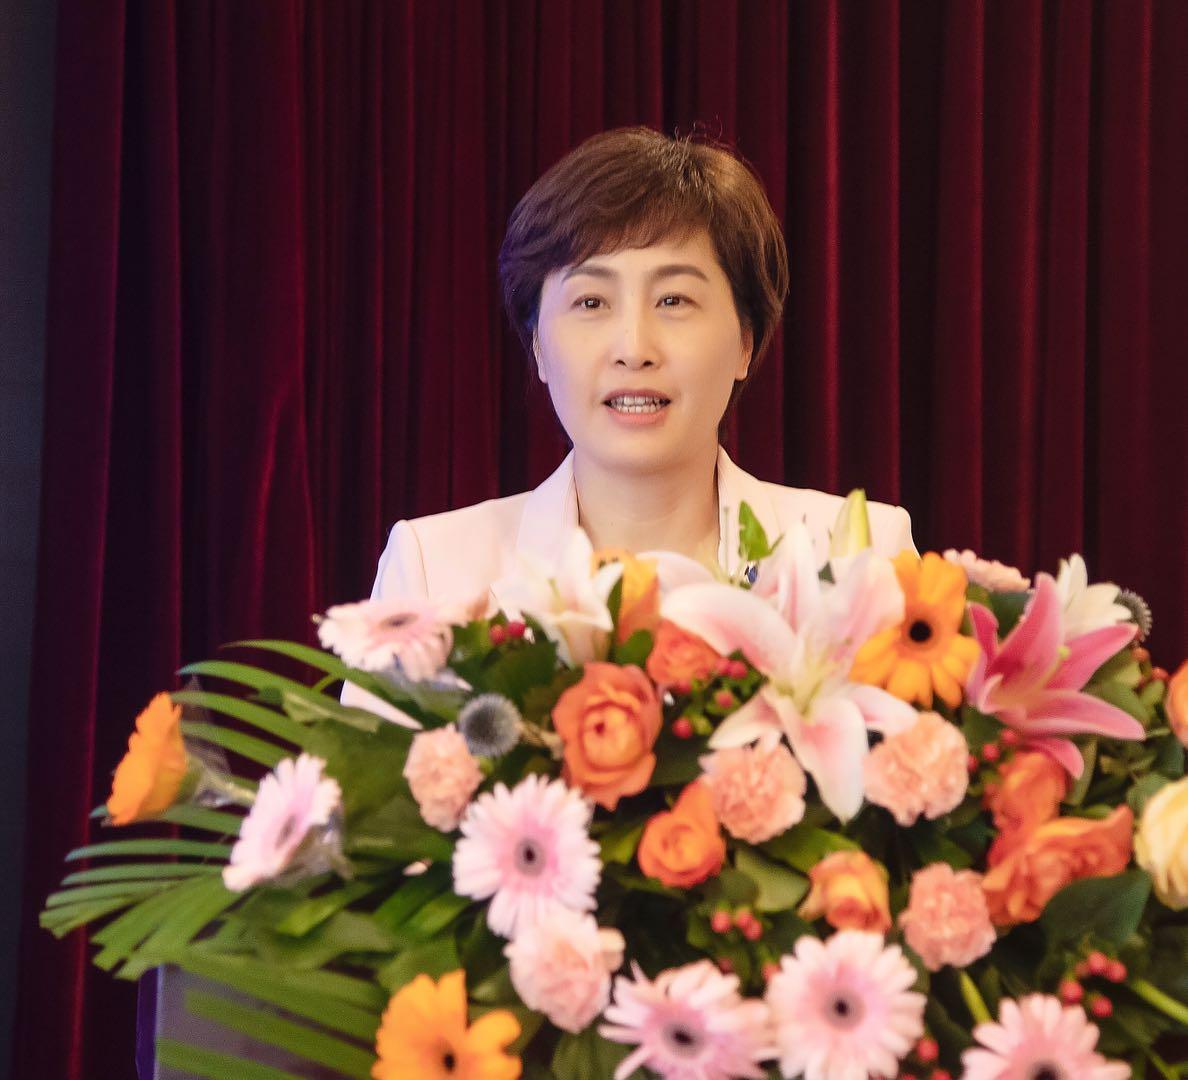 岳阳环球融创文旅国际会议会展中心正式签约 共建岳阳城市美好